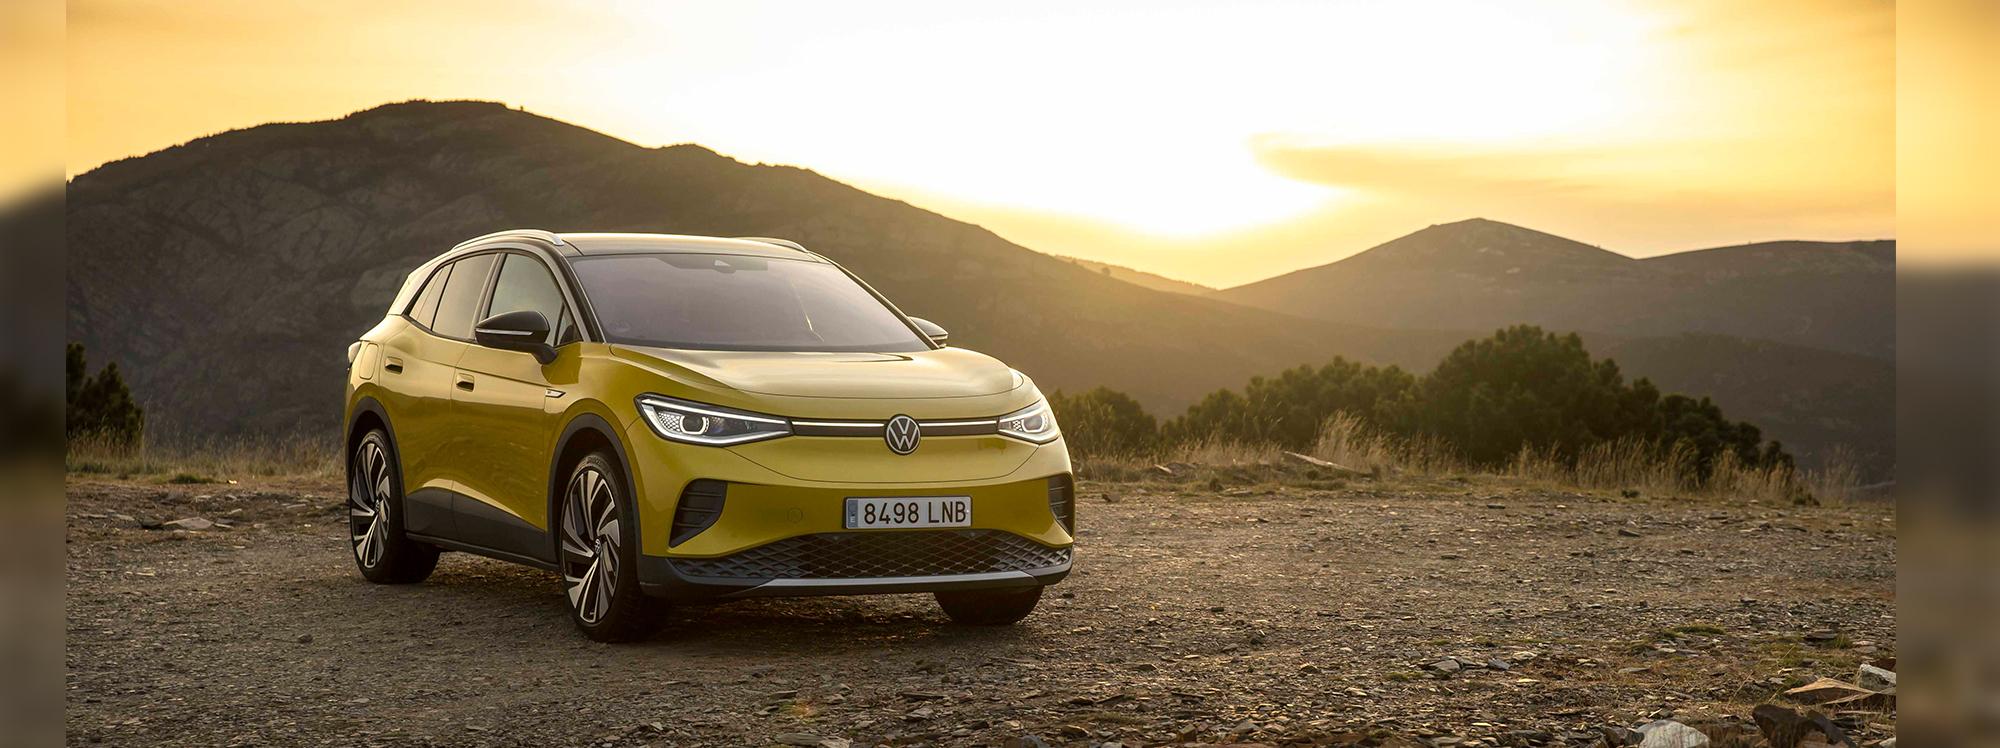 ID.4 es el primer SUV completamente eléctrico de Volkswagen